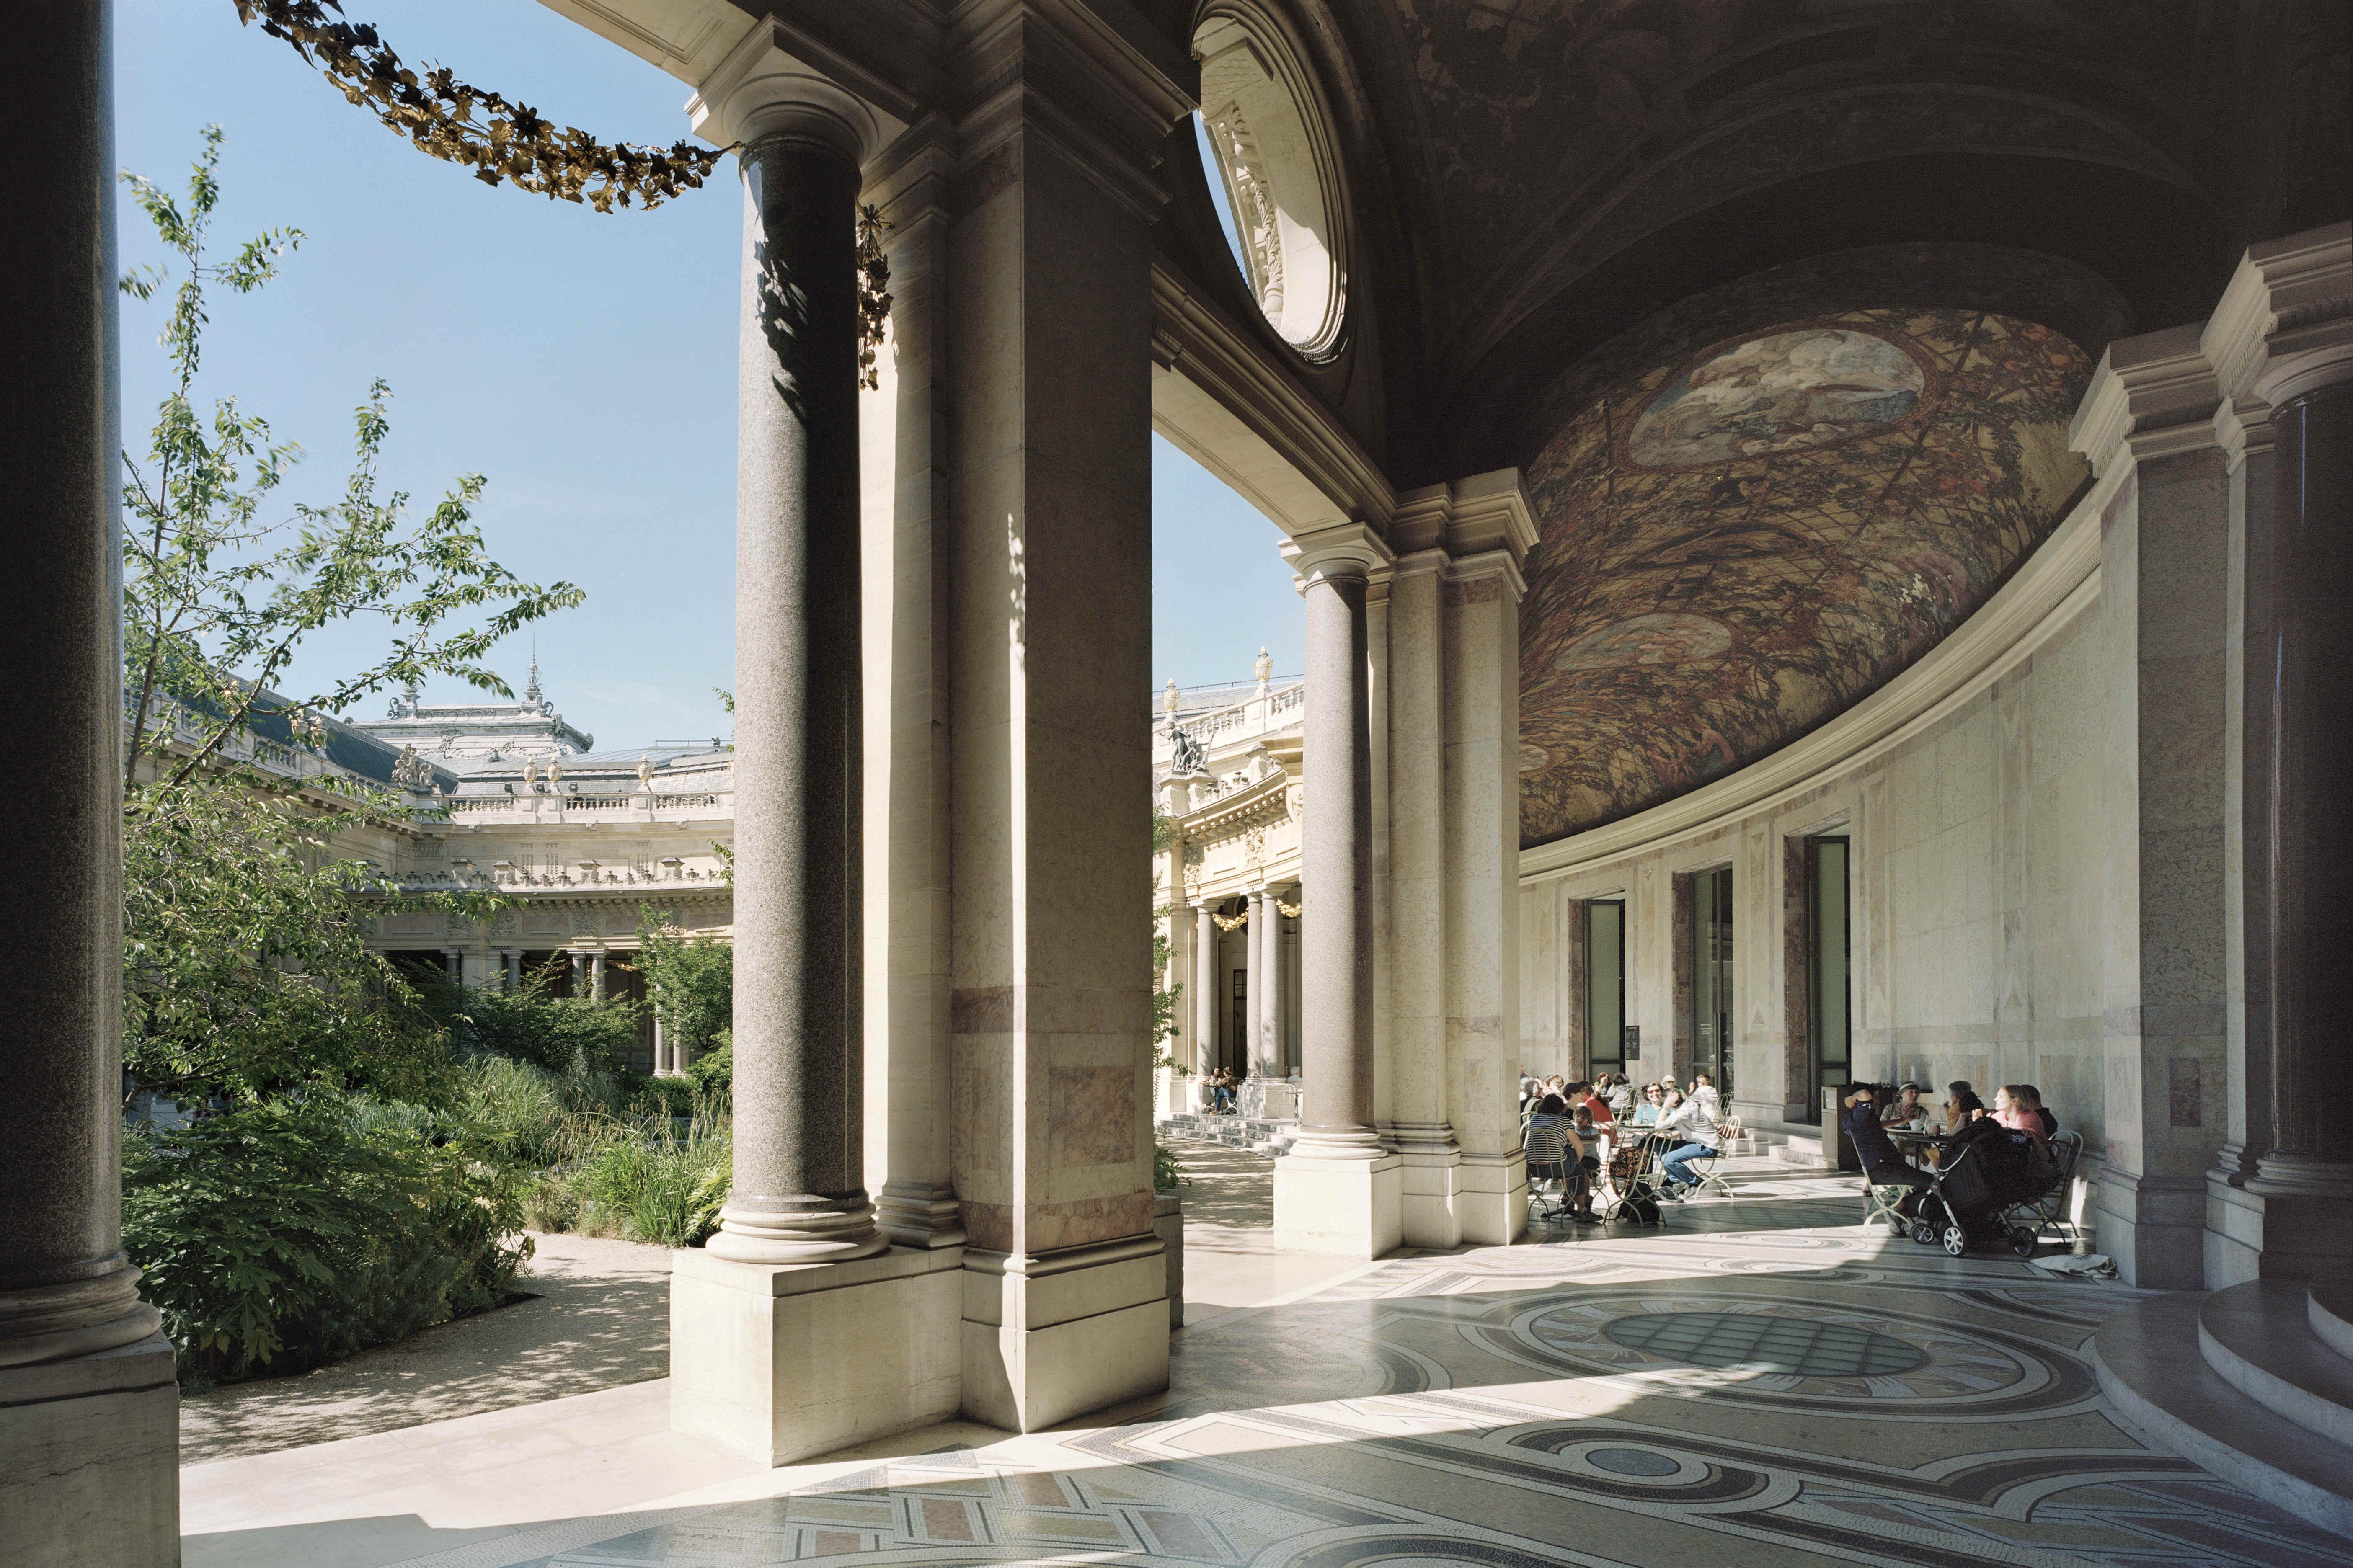 Le jardin petit palais for Cafe le jardin du petit palais